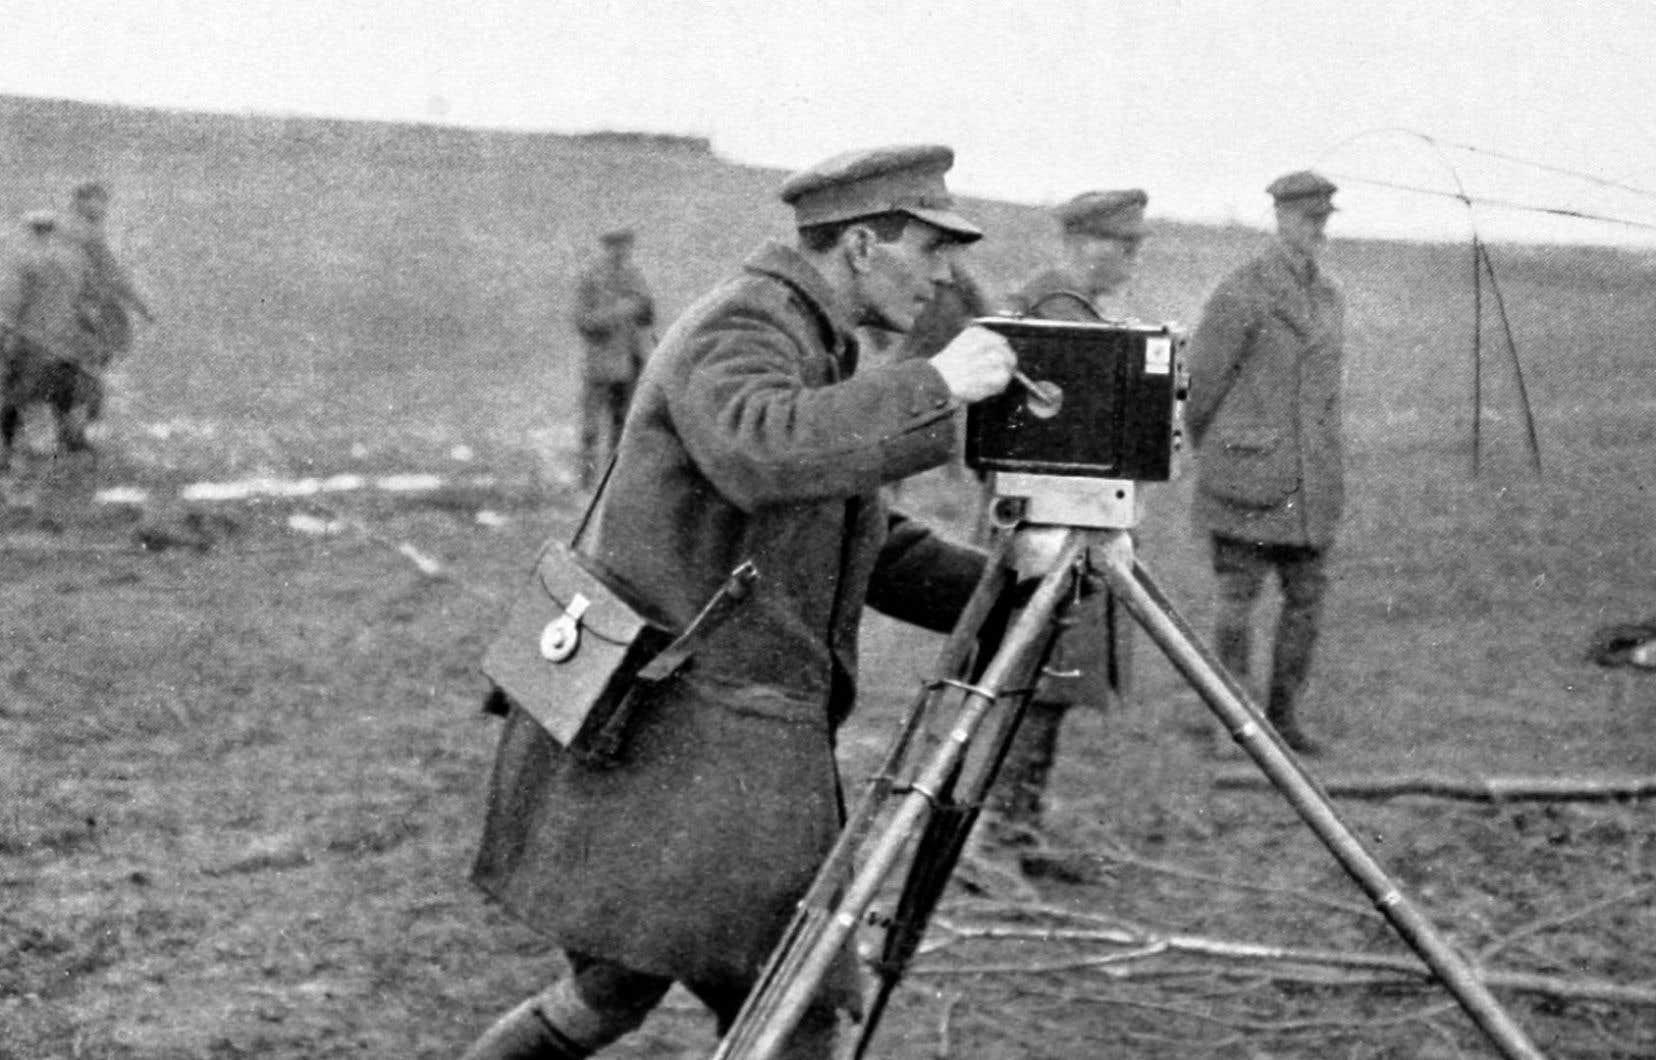 Les images de ce film sont l'œuvre d'un homme: Geoffrey Malins. Le premier caméraman de guerre britannique nous fait découvrir le conflit sous un angle inédit, avec son regard et sa vision de la Première Guerre mondiale.